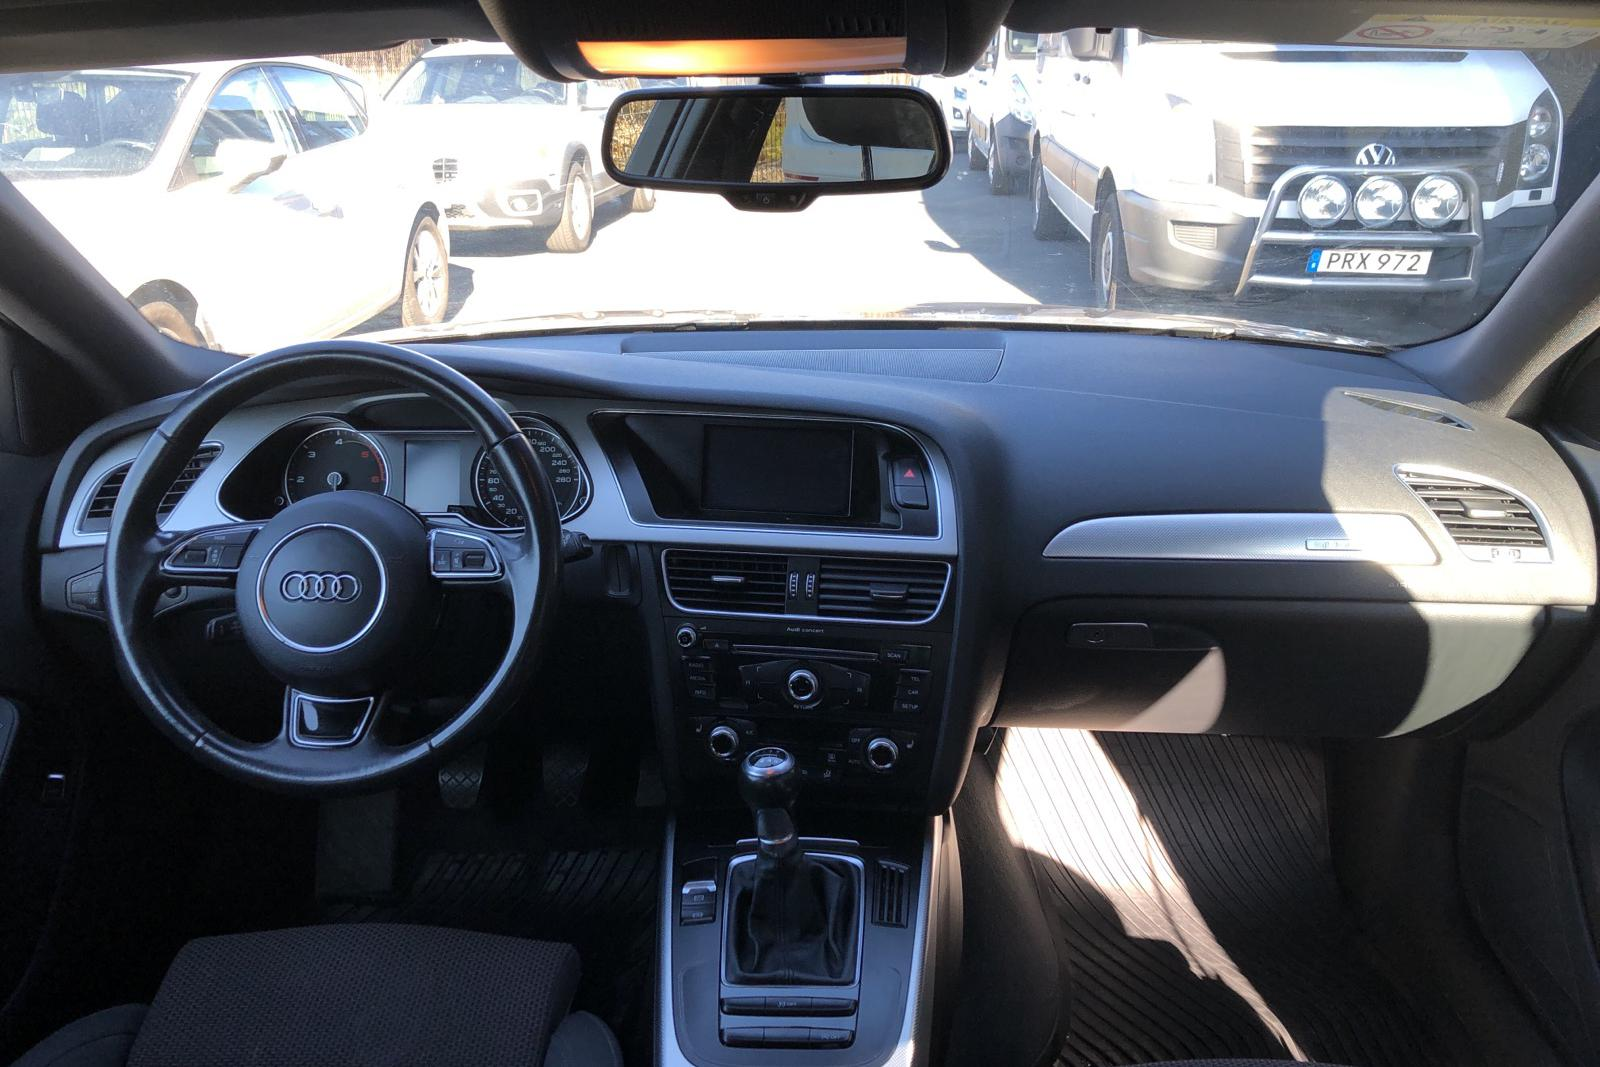 Audi A4 Allroad 2.0 TDI Avant quattro (150hk) - 15 204 mil - Manuell - grå - 2015